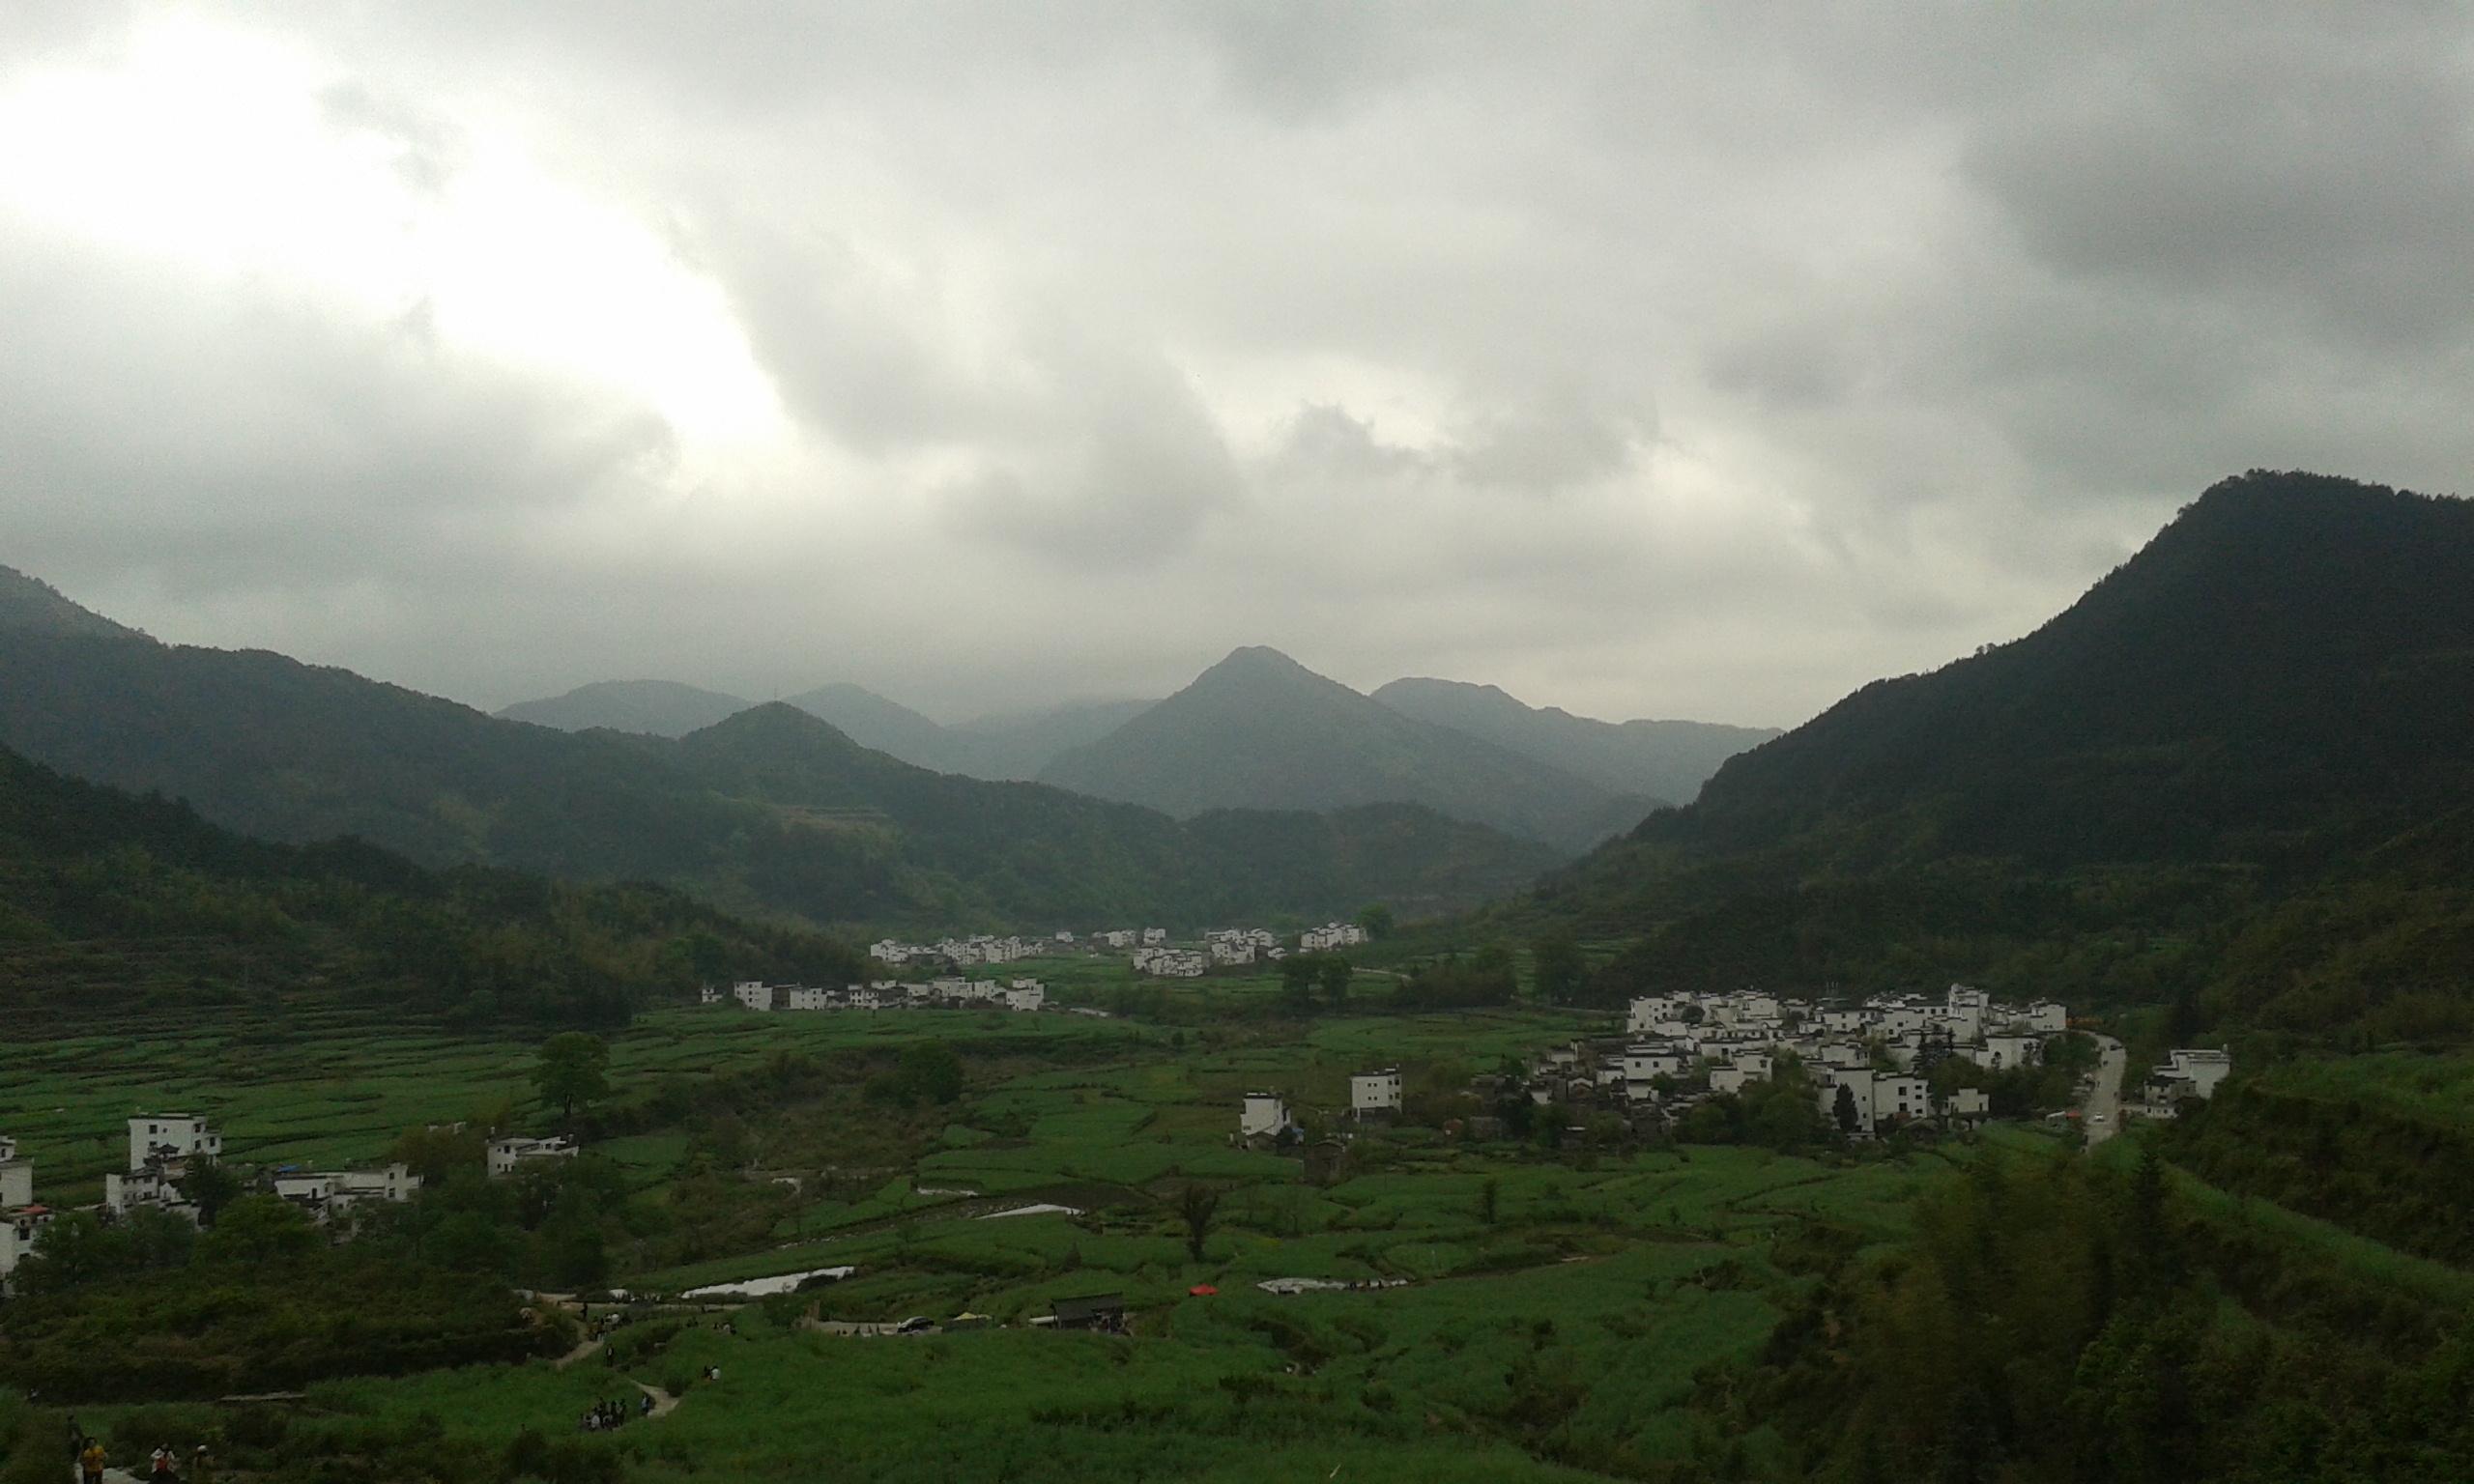 Pára és hegyek - Wuyuan (婺源)